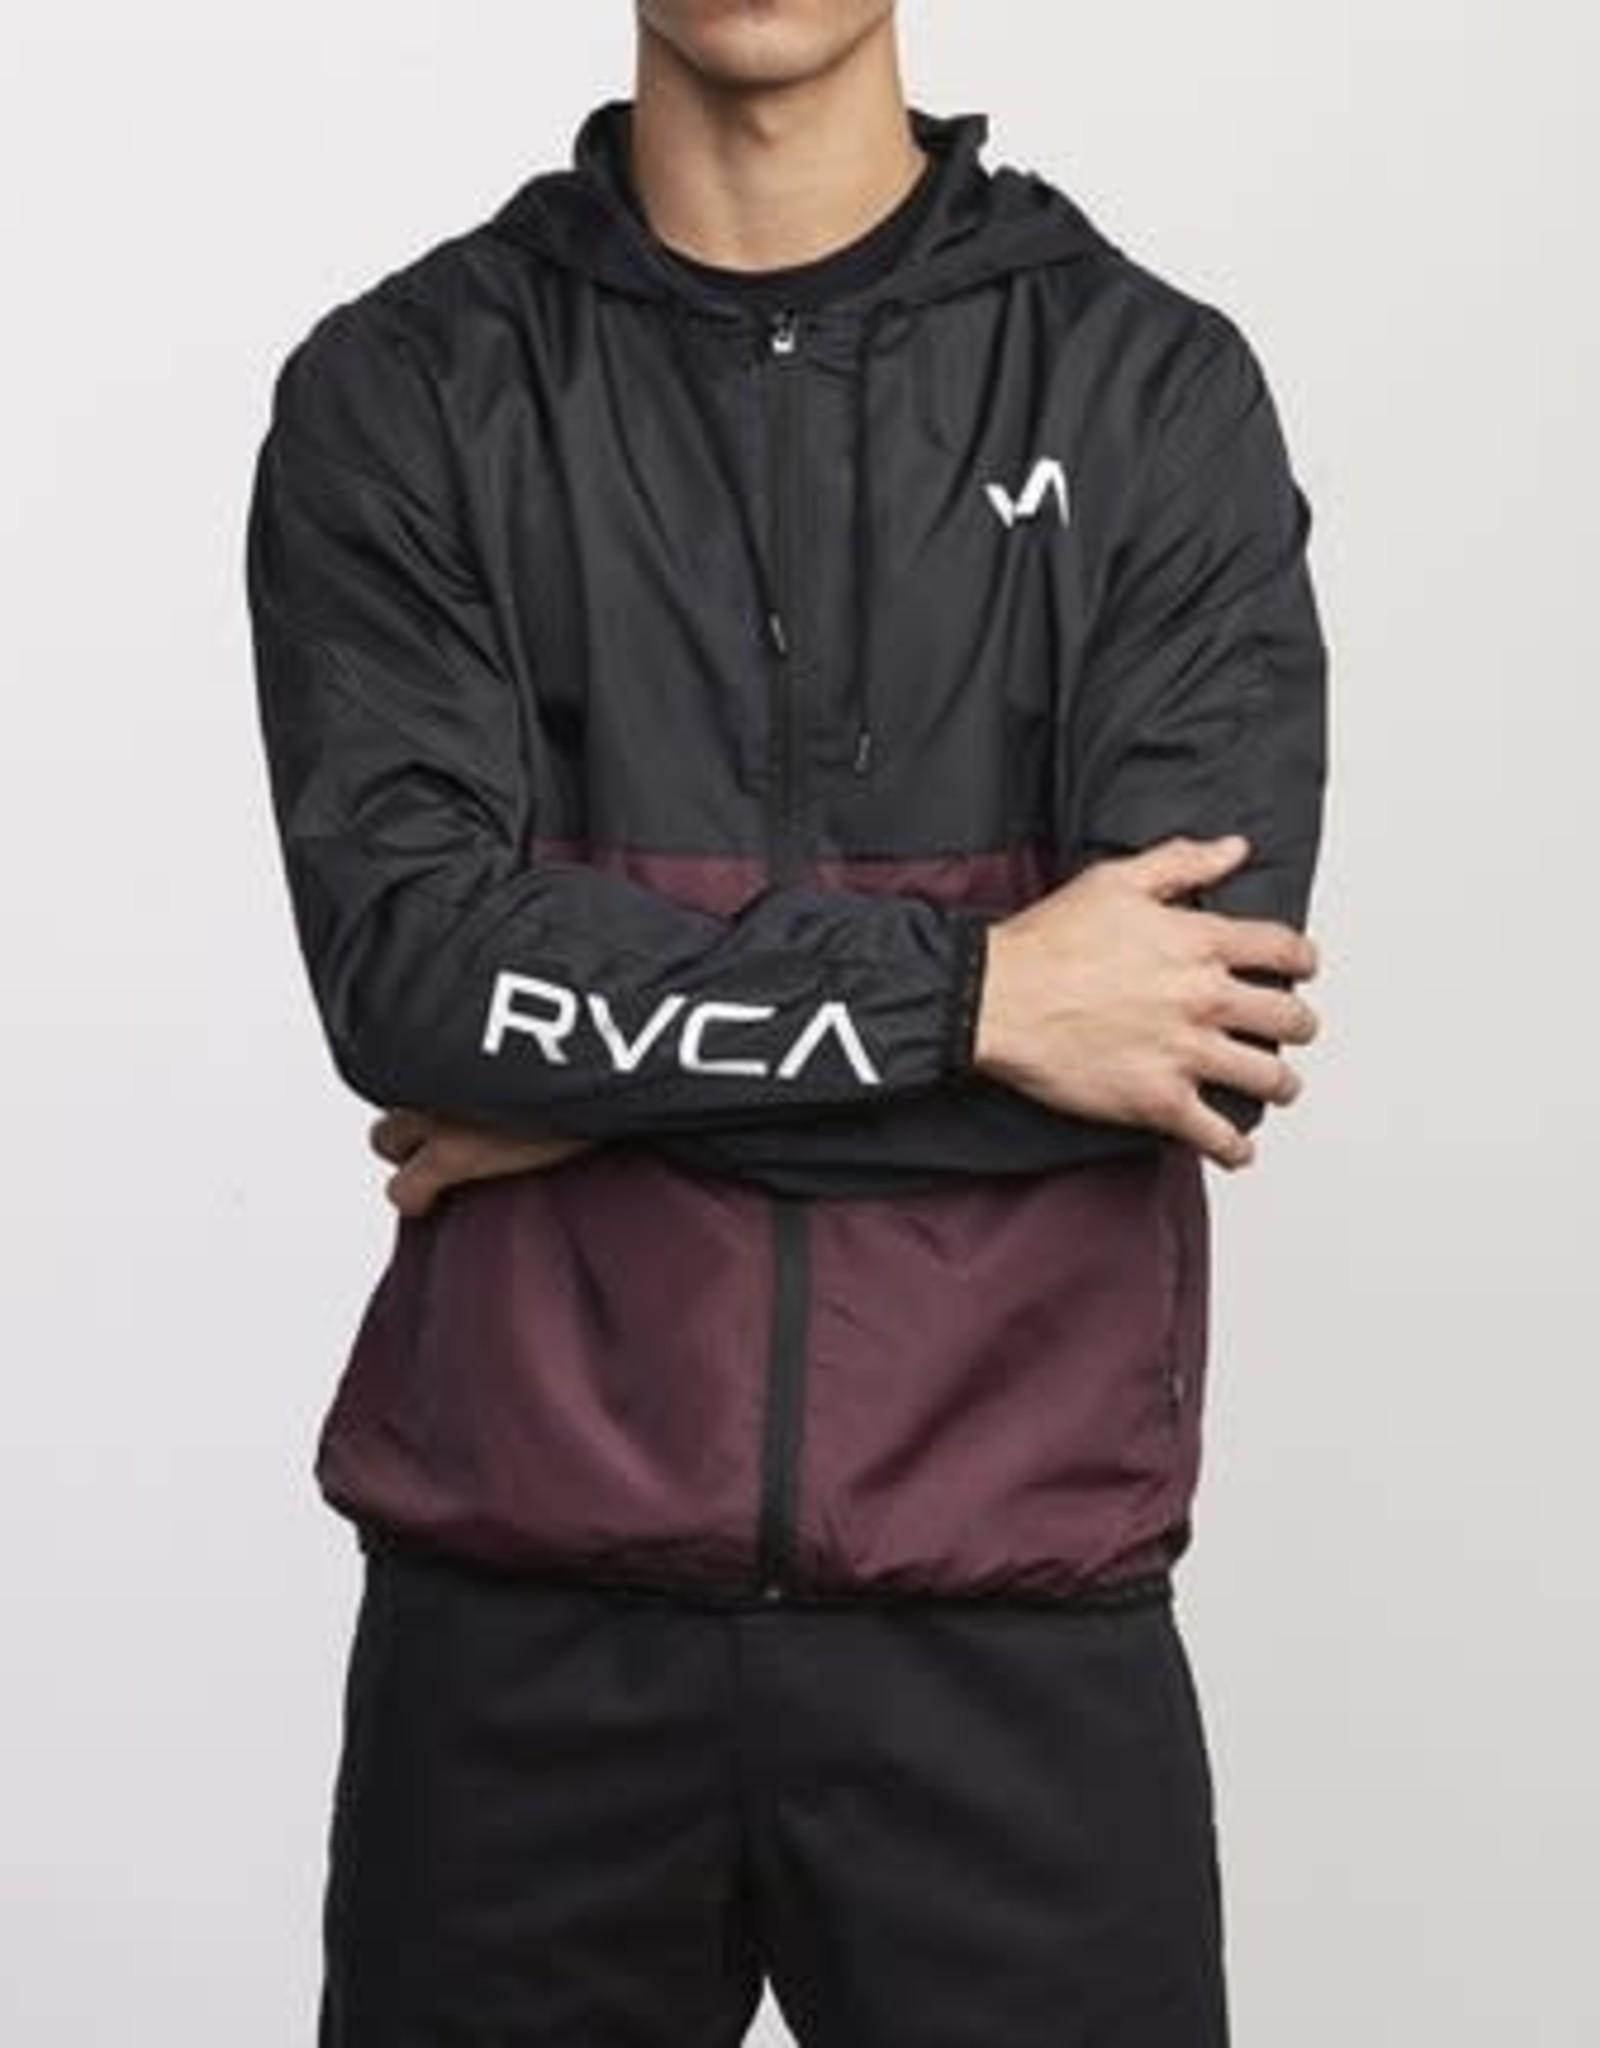 RVCA HEXSTOP JCKT RVCA